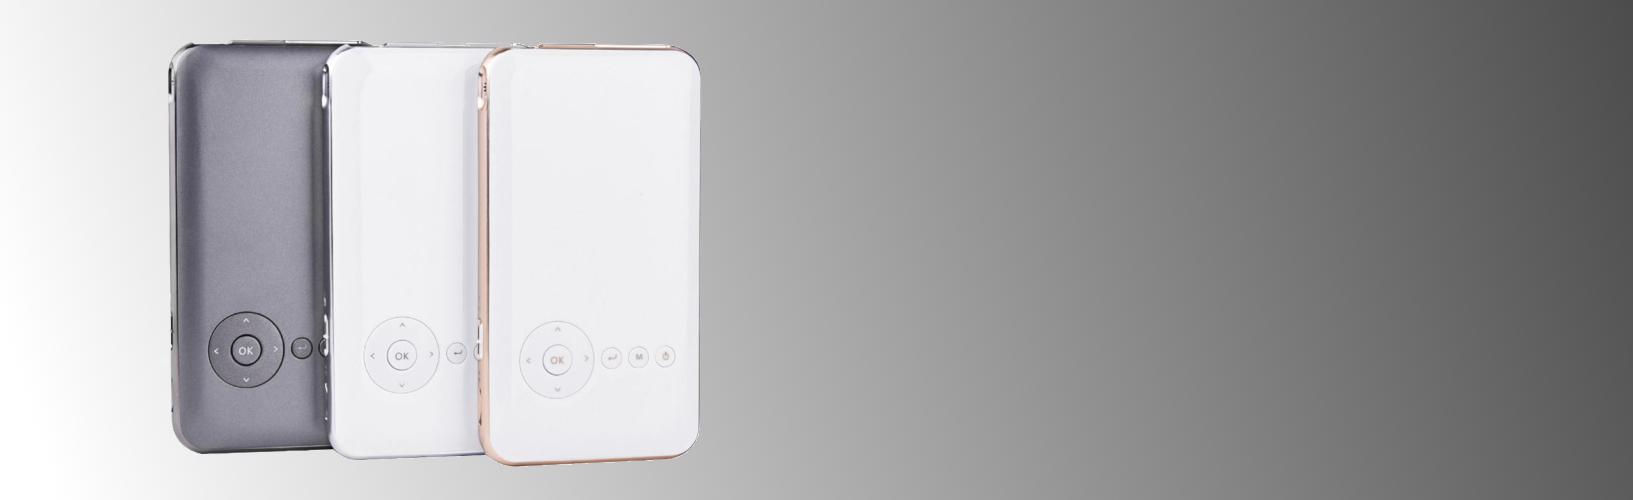 Портативный умный проектор Everycom S6 plus Android OS